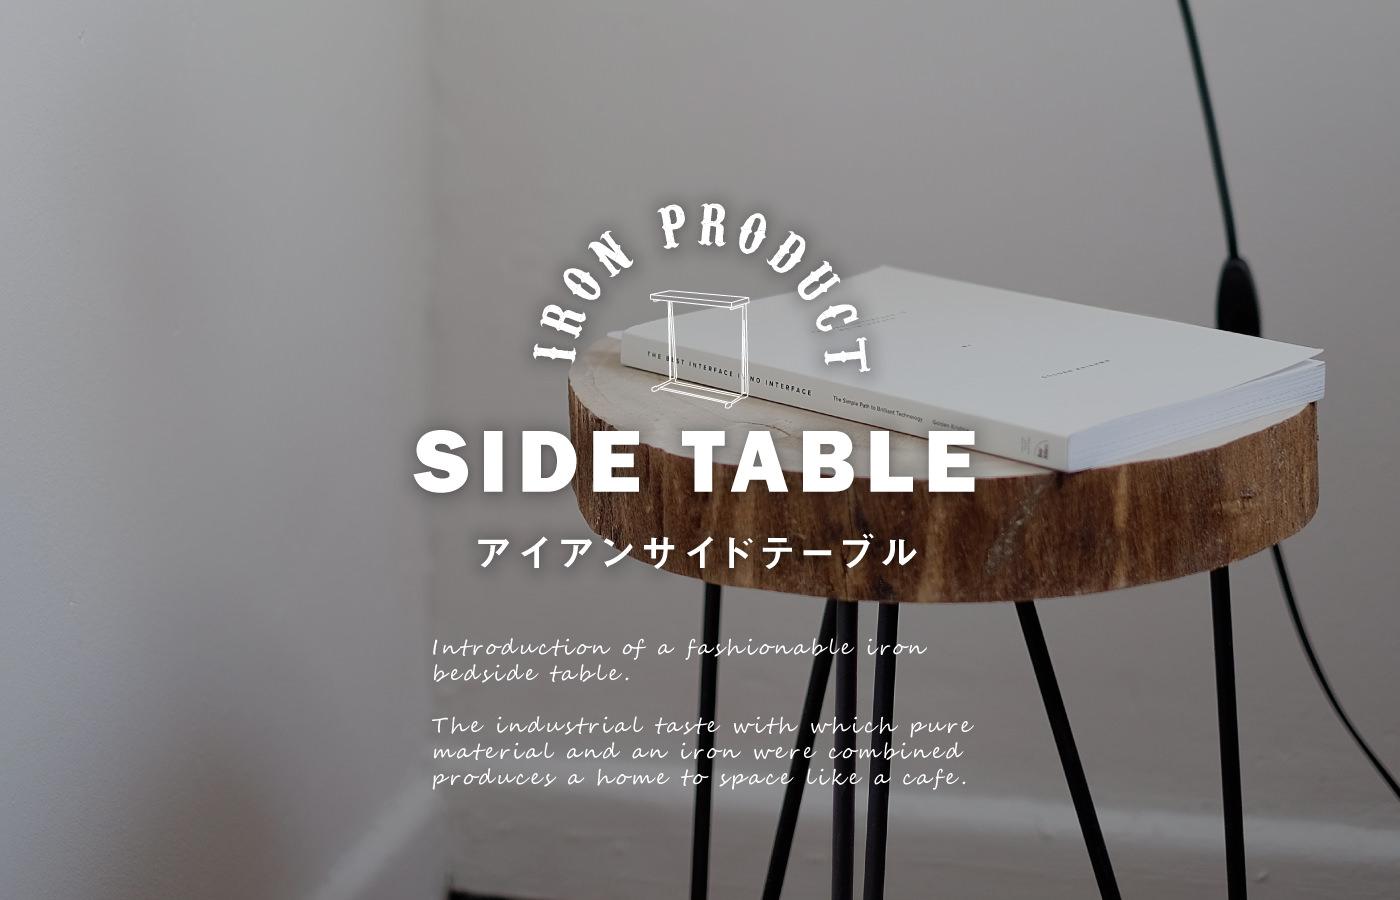 おしゃれなサイドテーブル特集